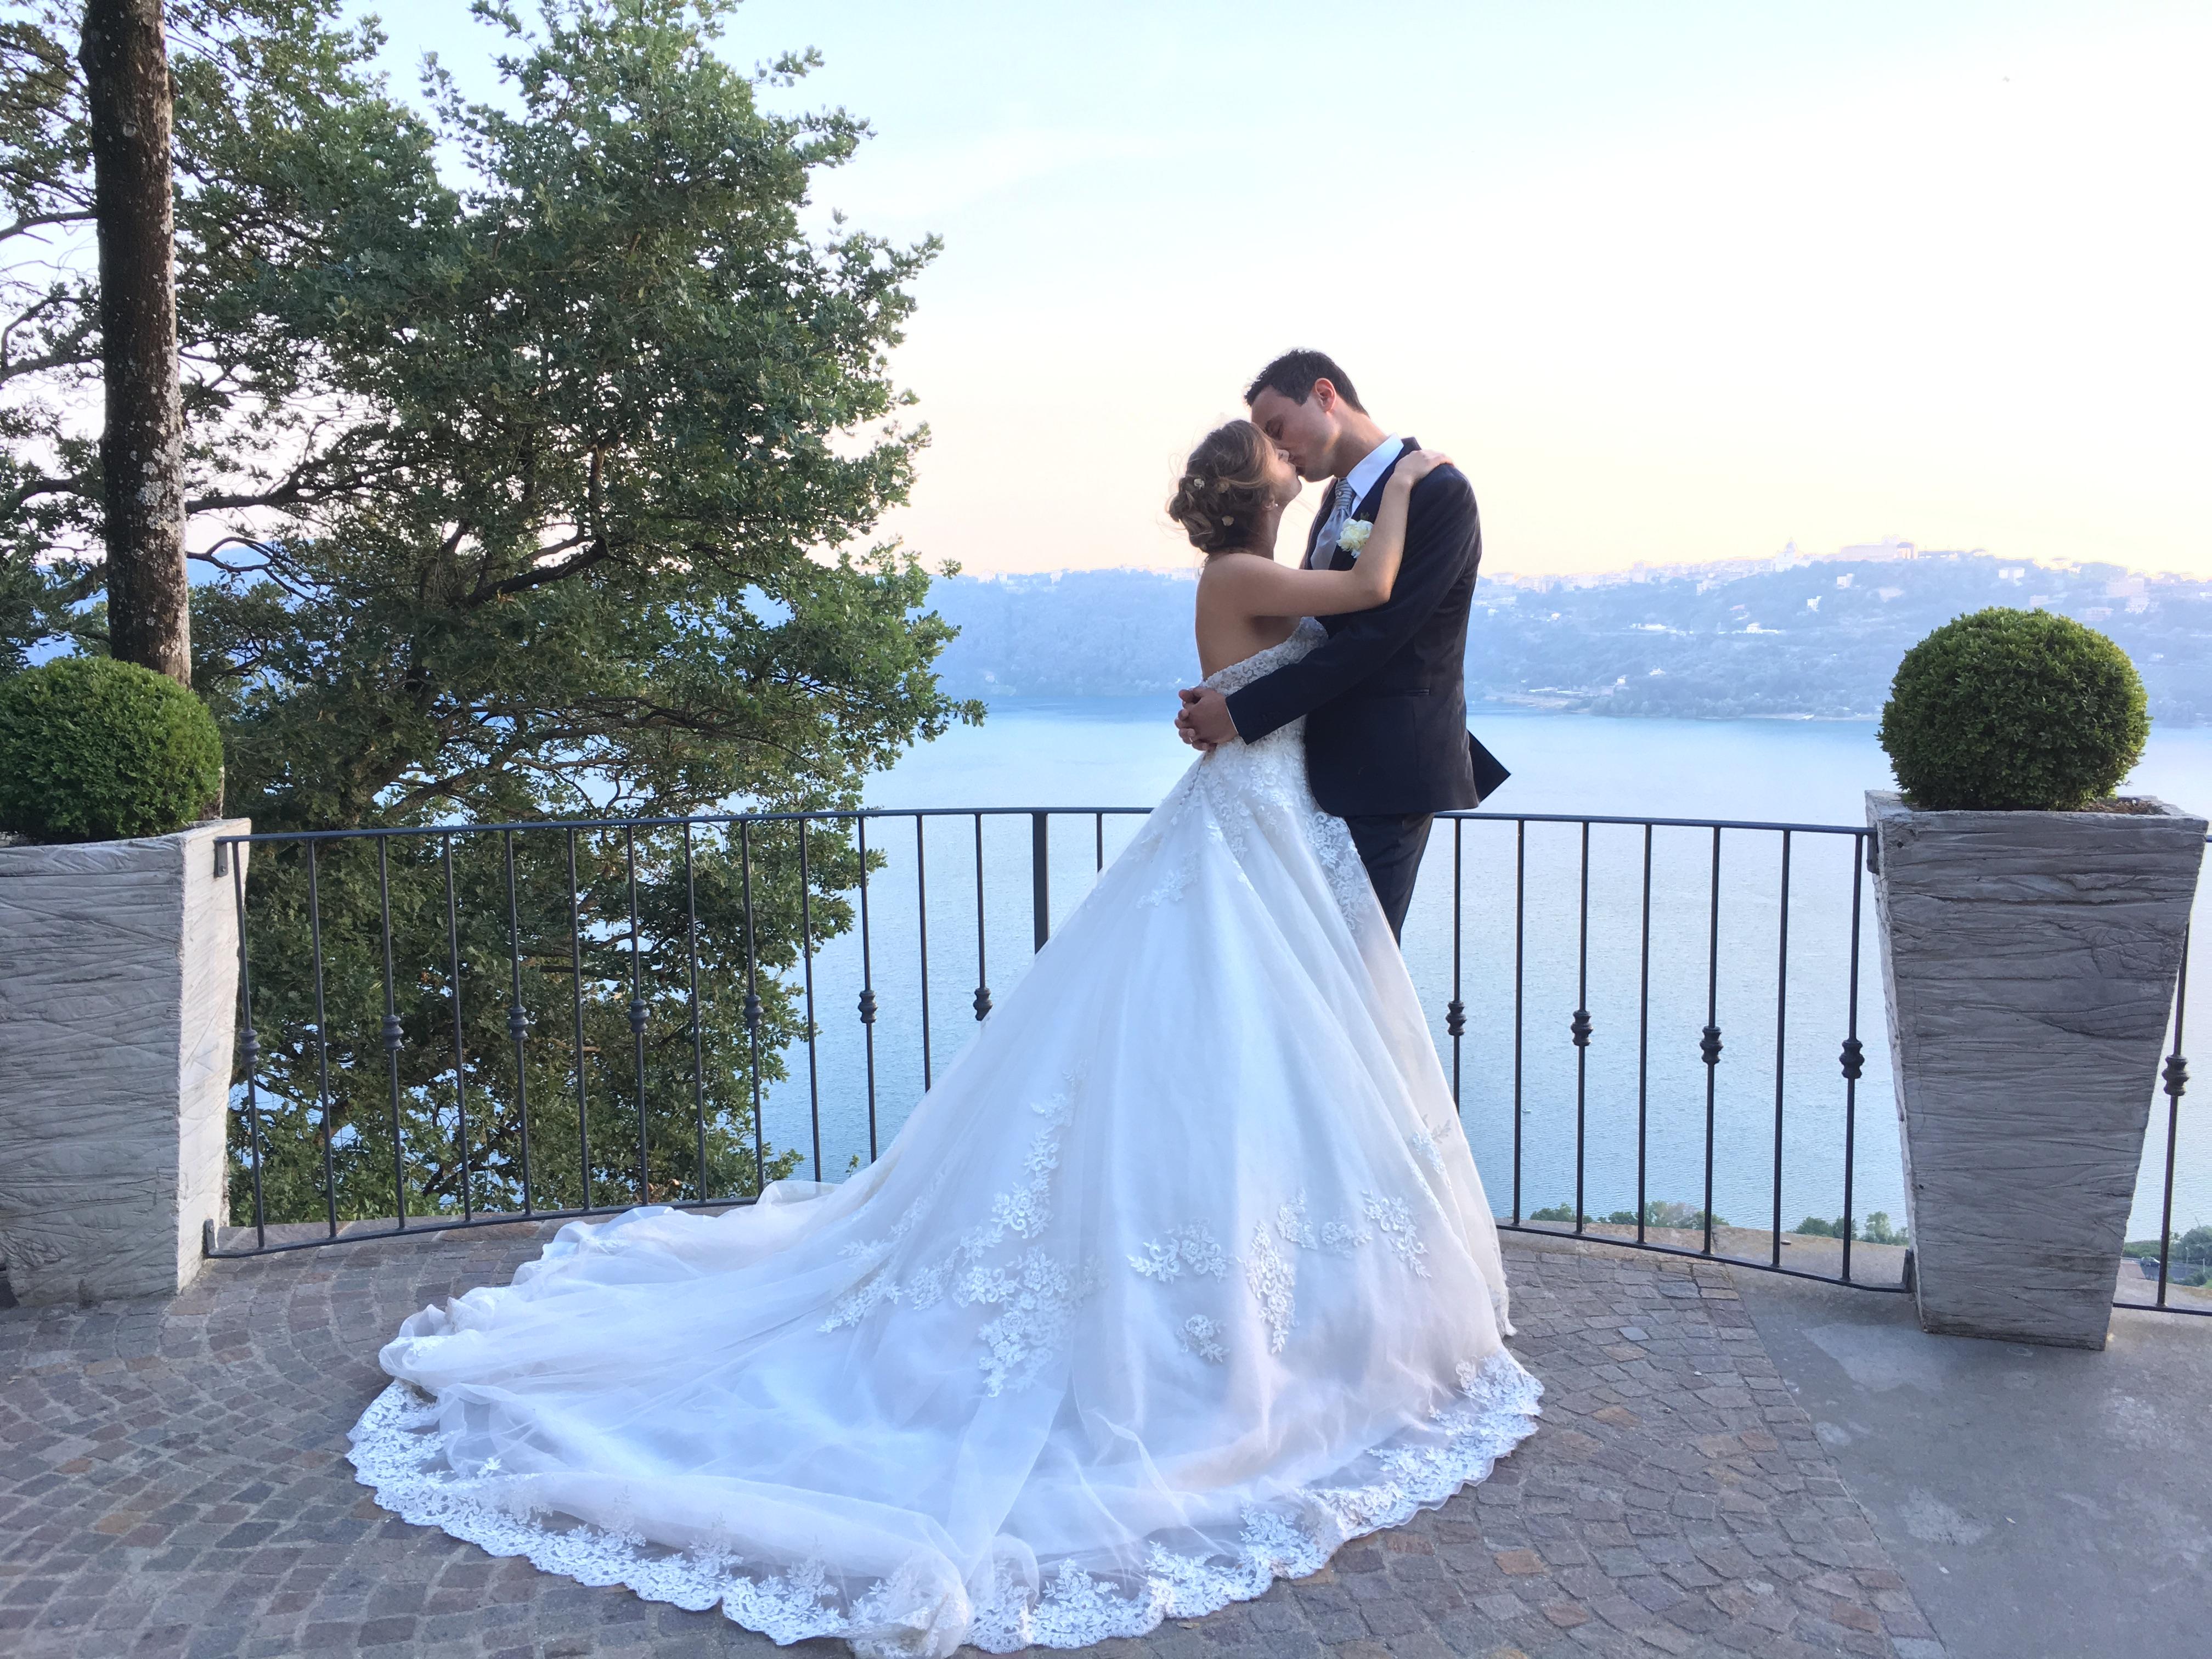 Фото 11 свадьба на озере в Италии | Александра и Даниэле